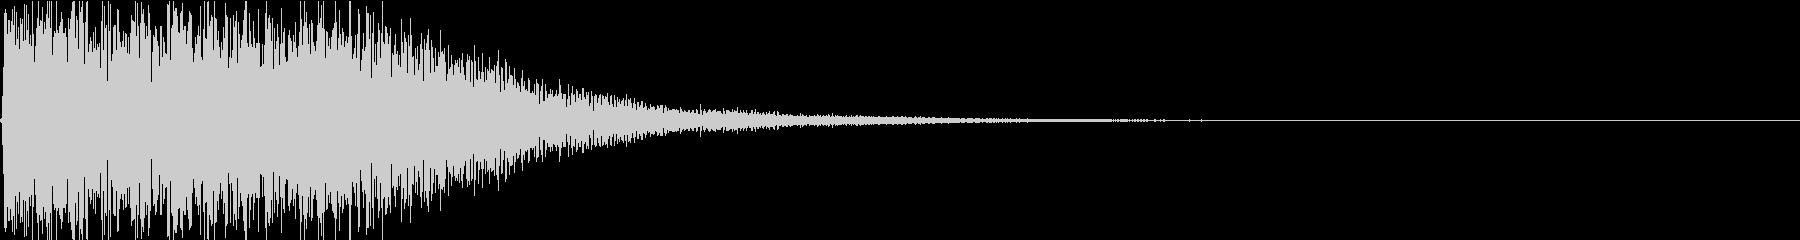 テレビ番組動画テロップ_インパクトベルの未再生の波形